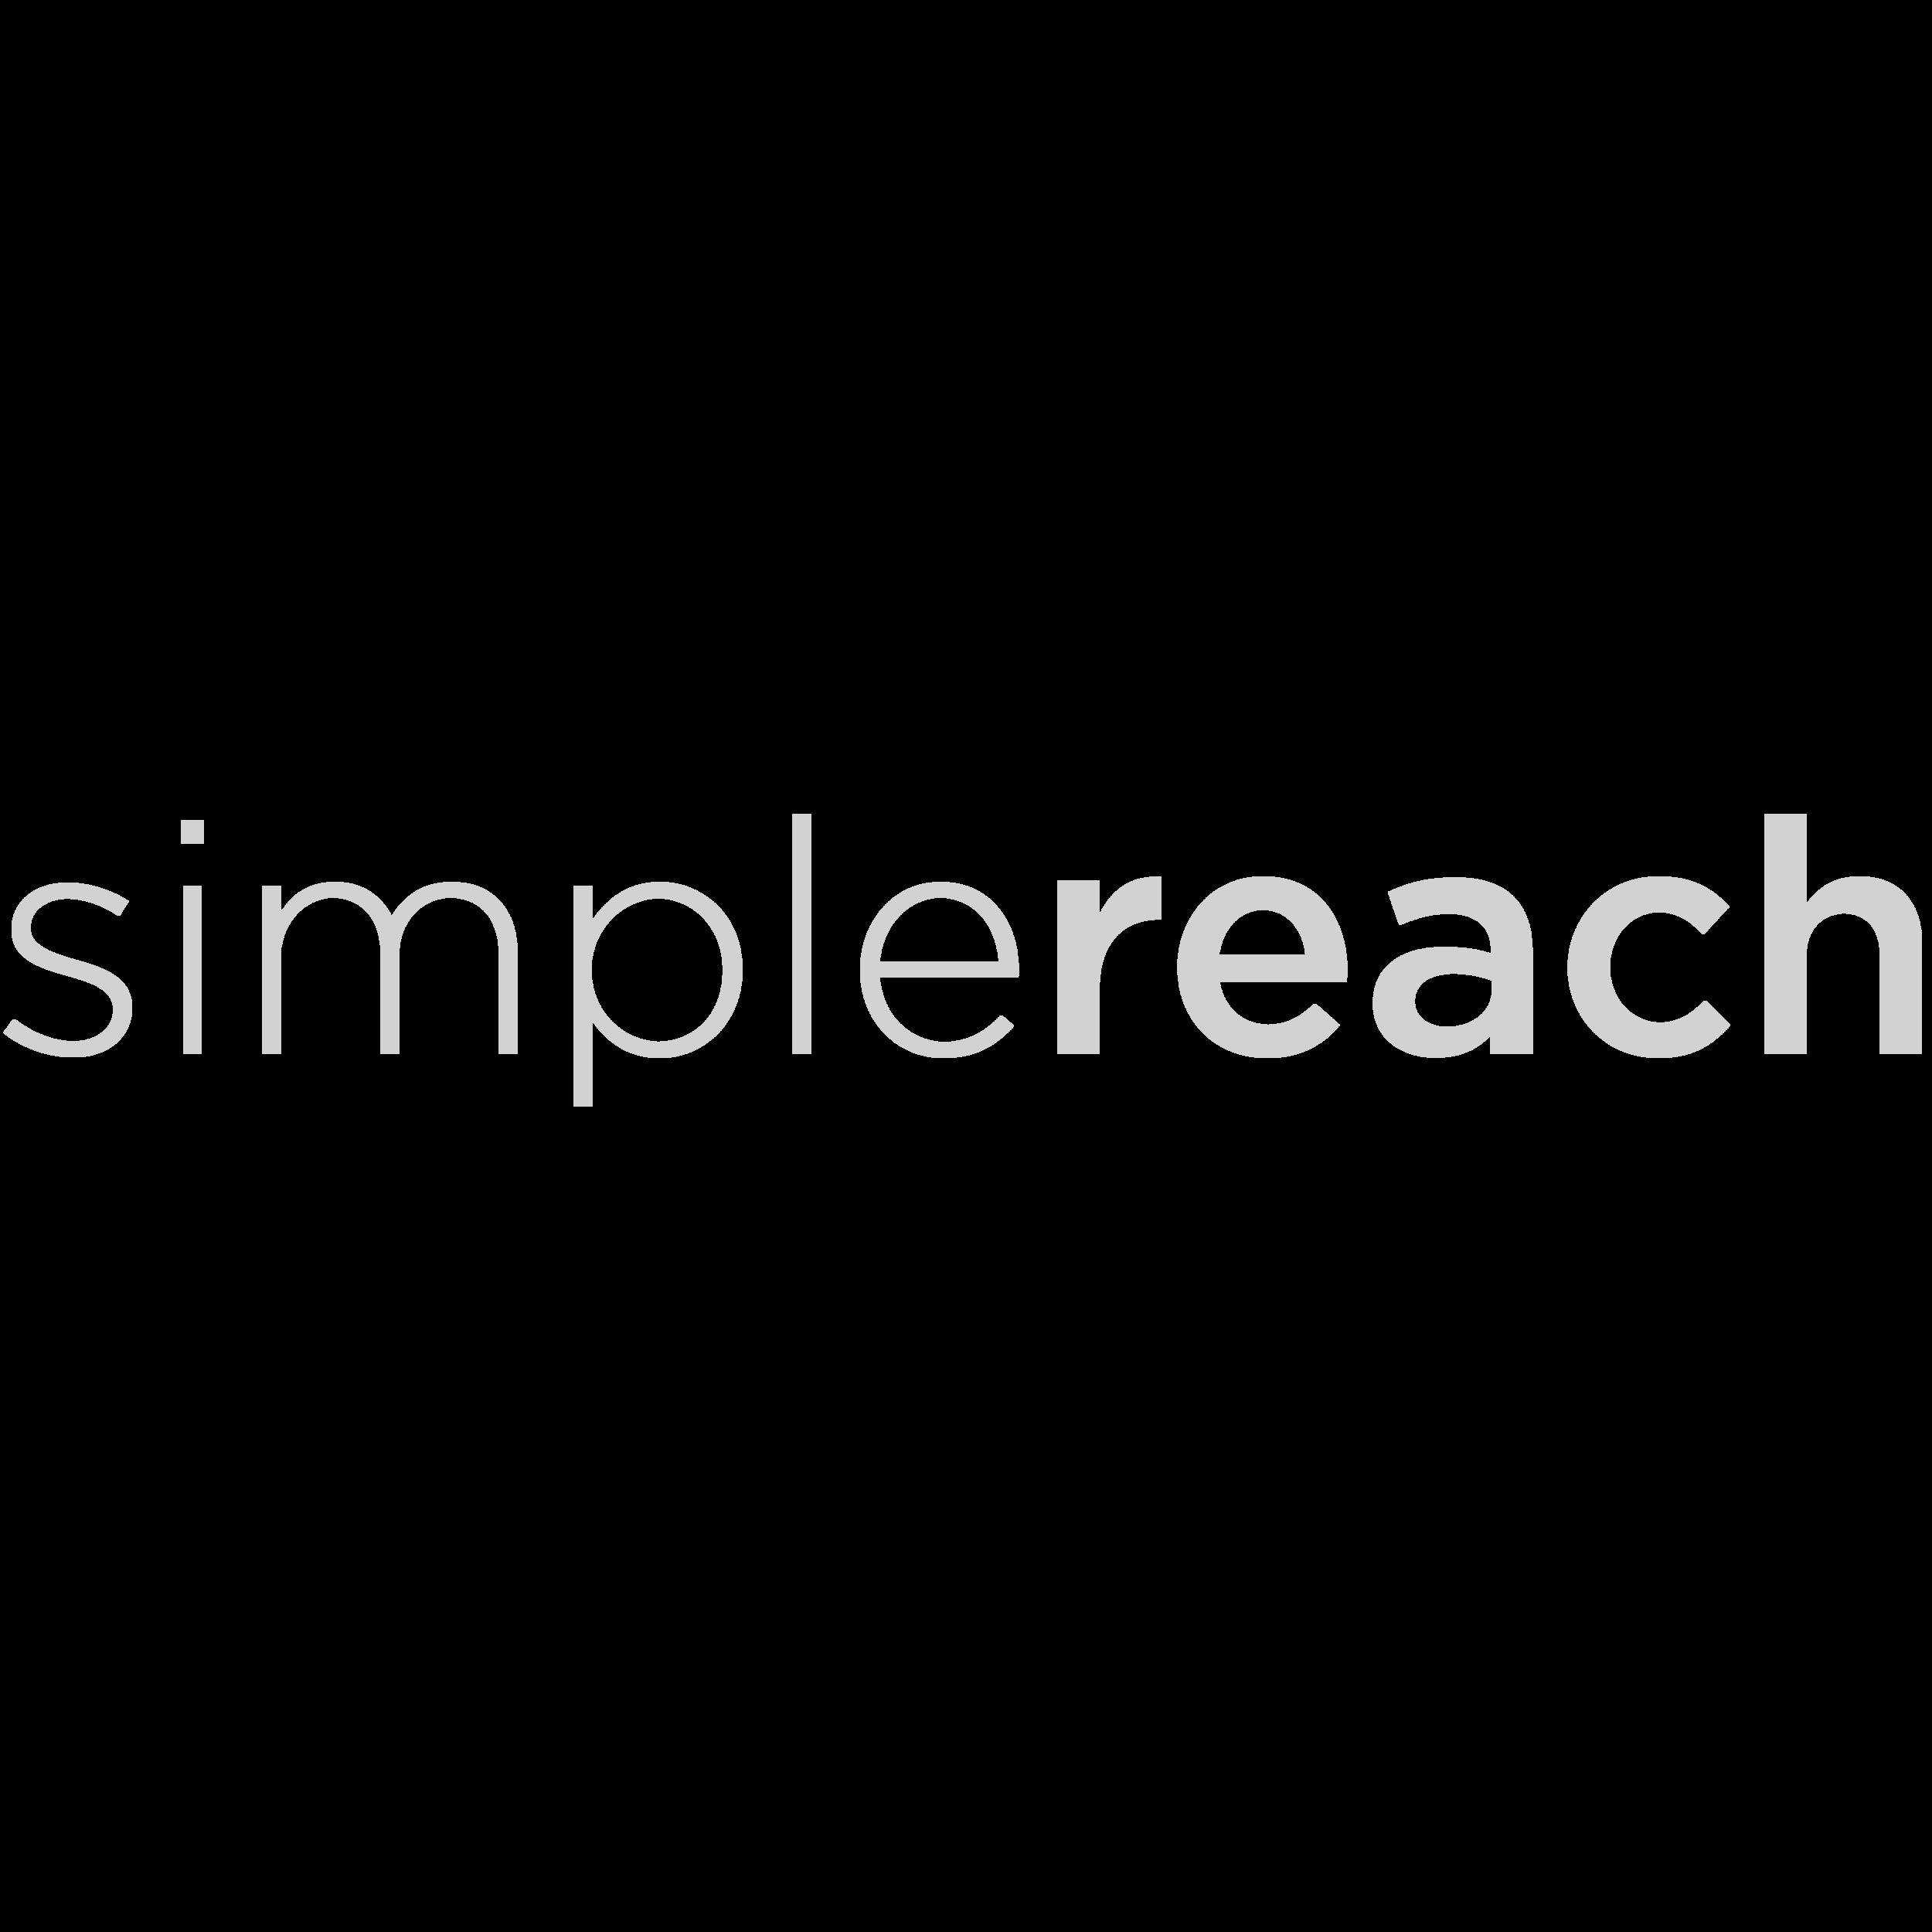 SimpleReach-01.png